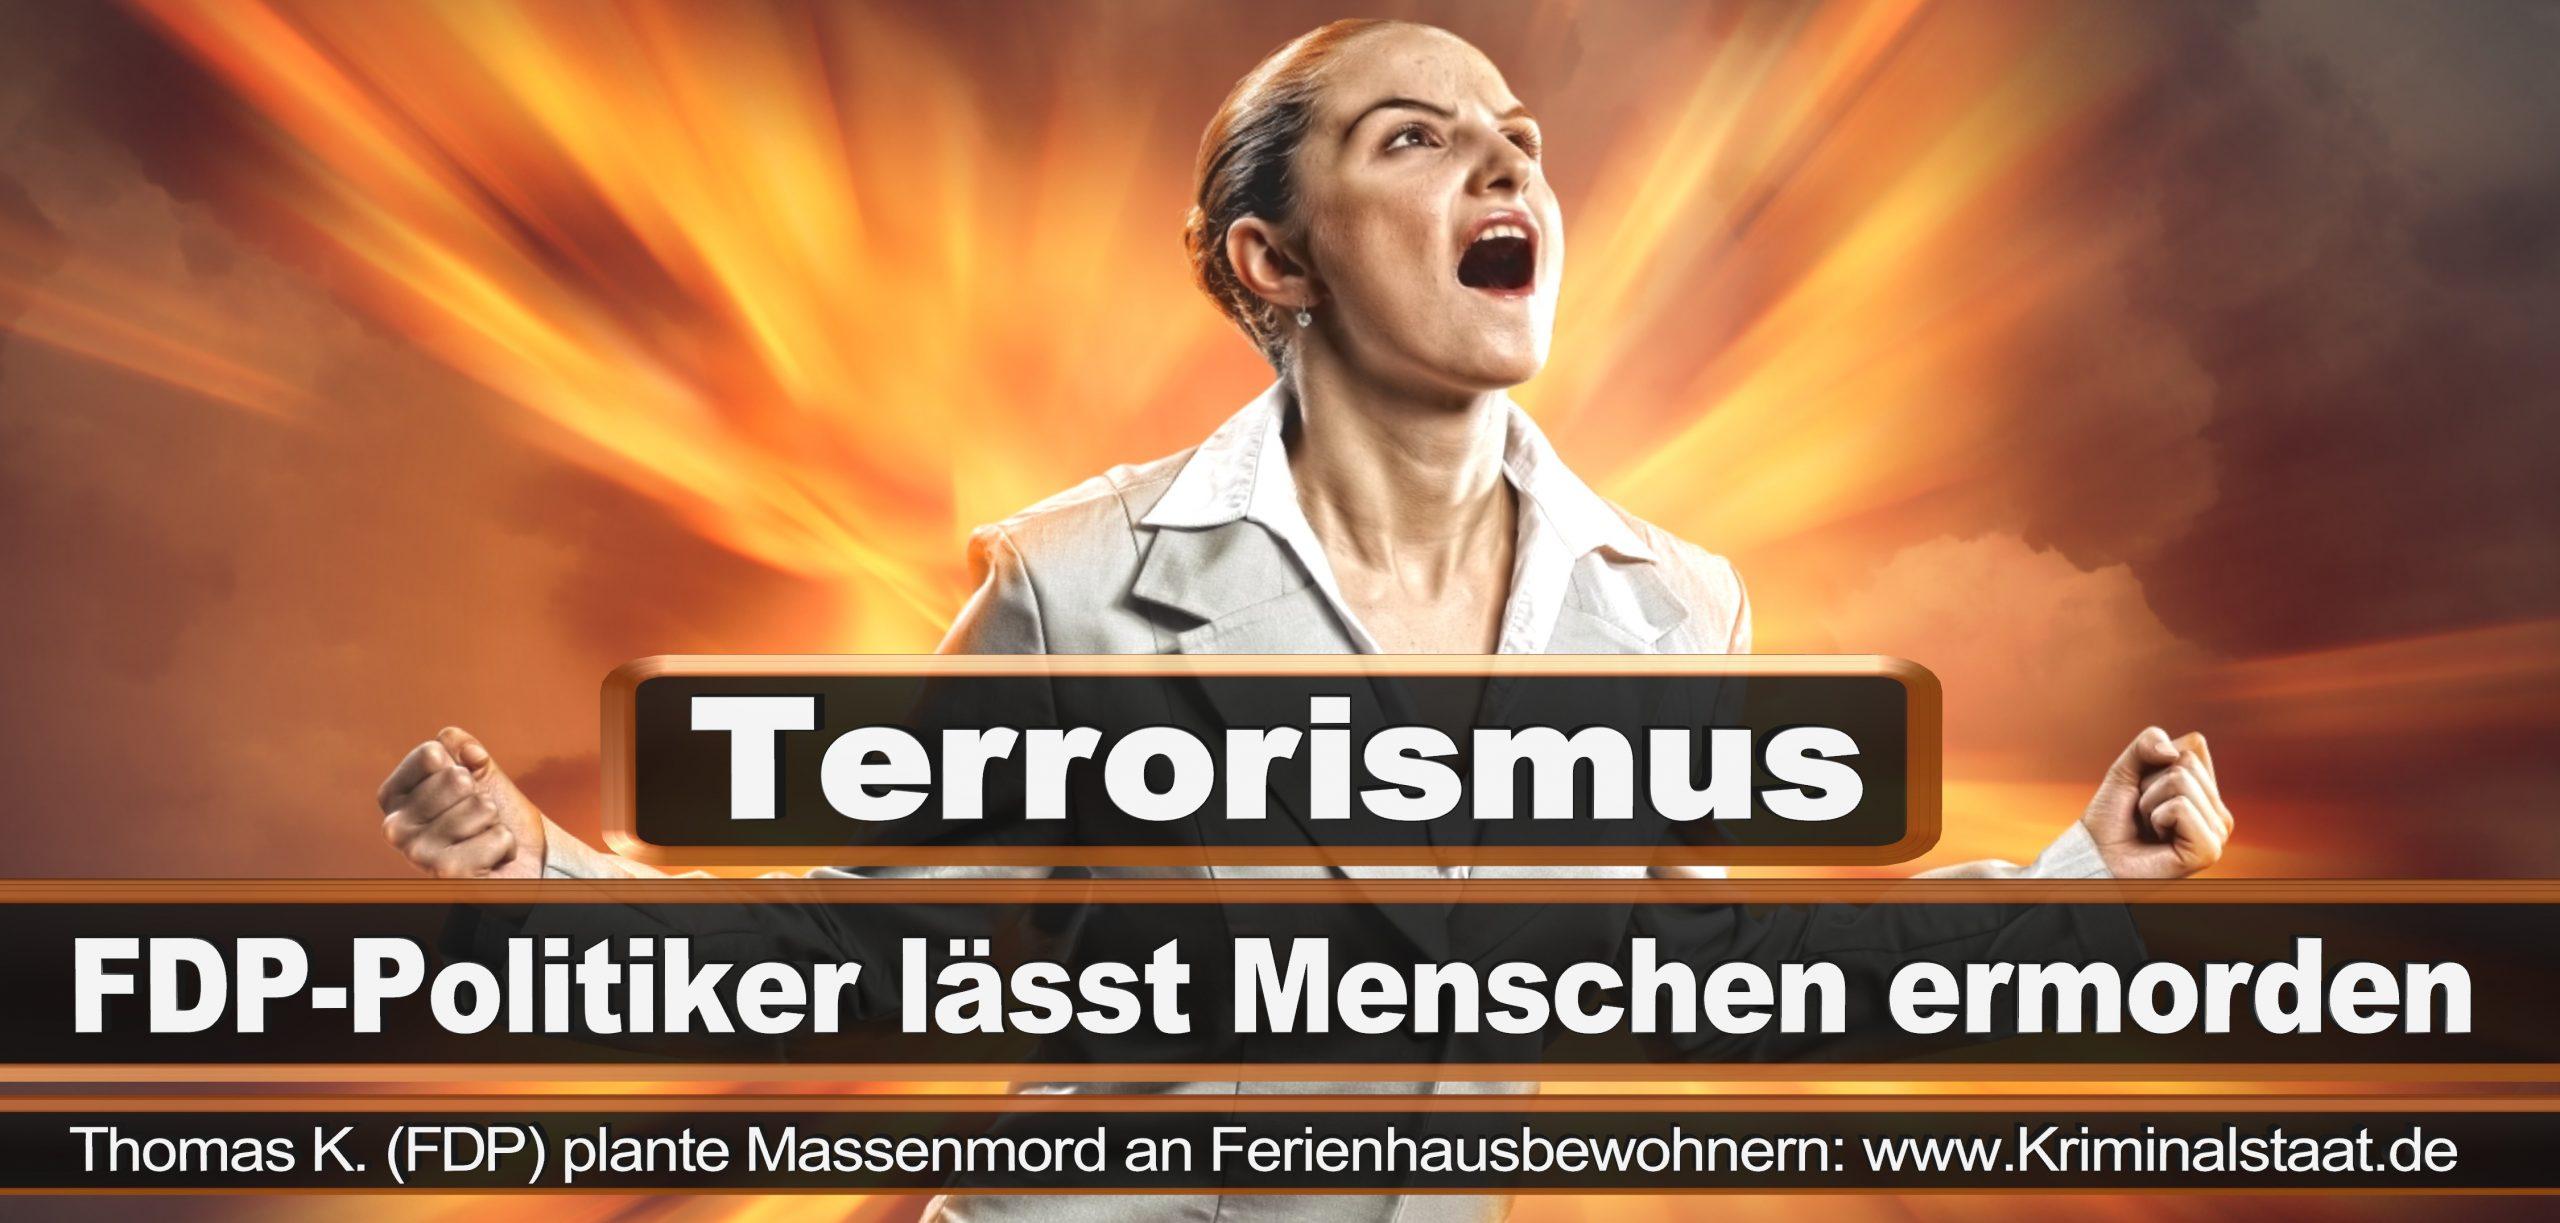 Bundestagswahl 2021 Wahlplakate CDU SPD FDP AFD Grüne Linke Stimmzettel Prognose Umfrage Kandidaten Parteien Datum (34)